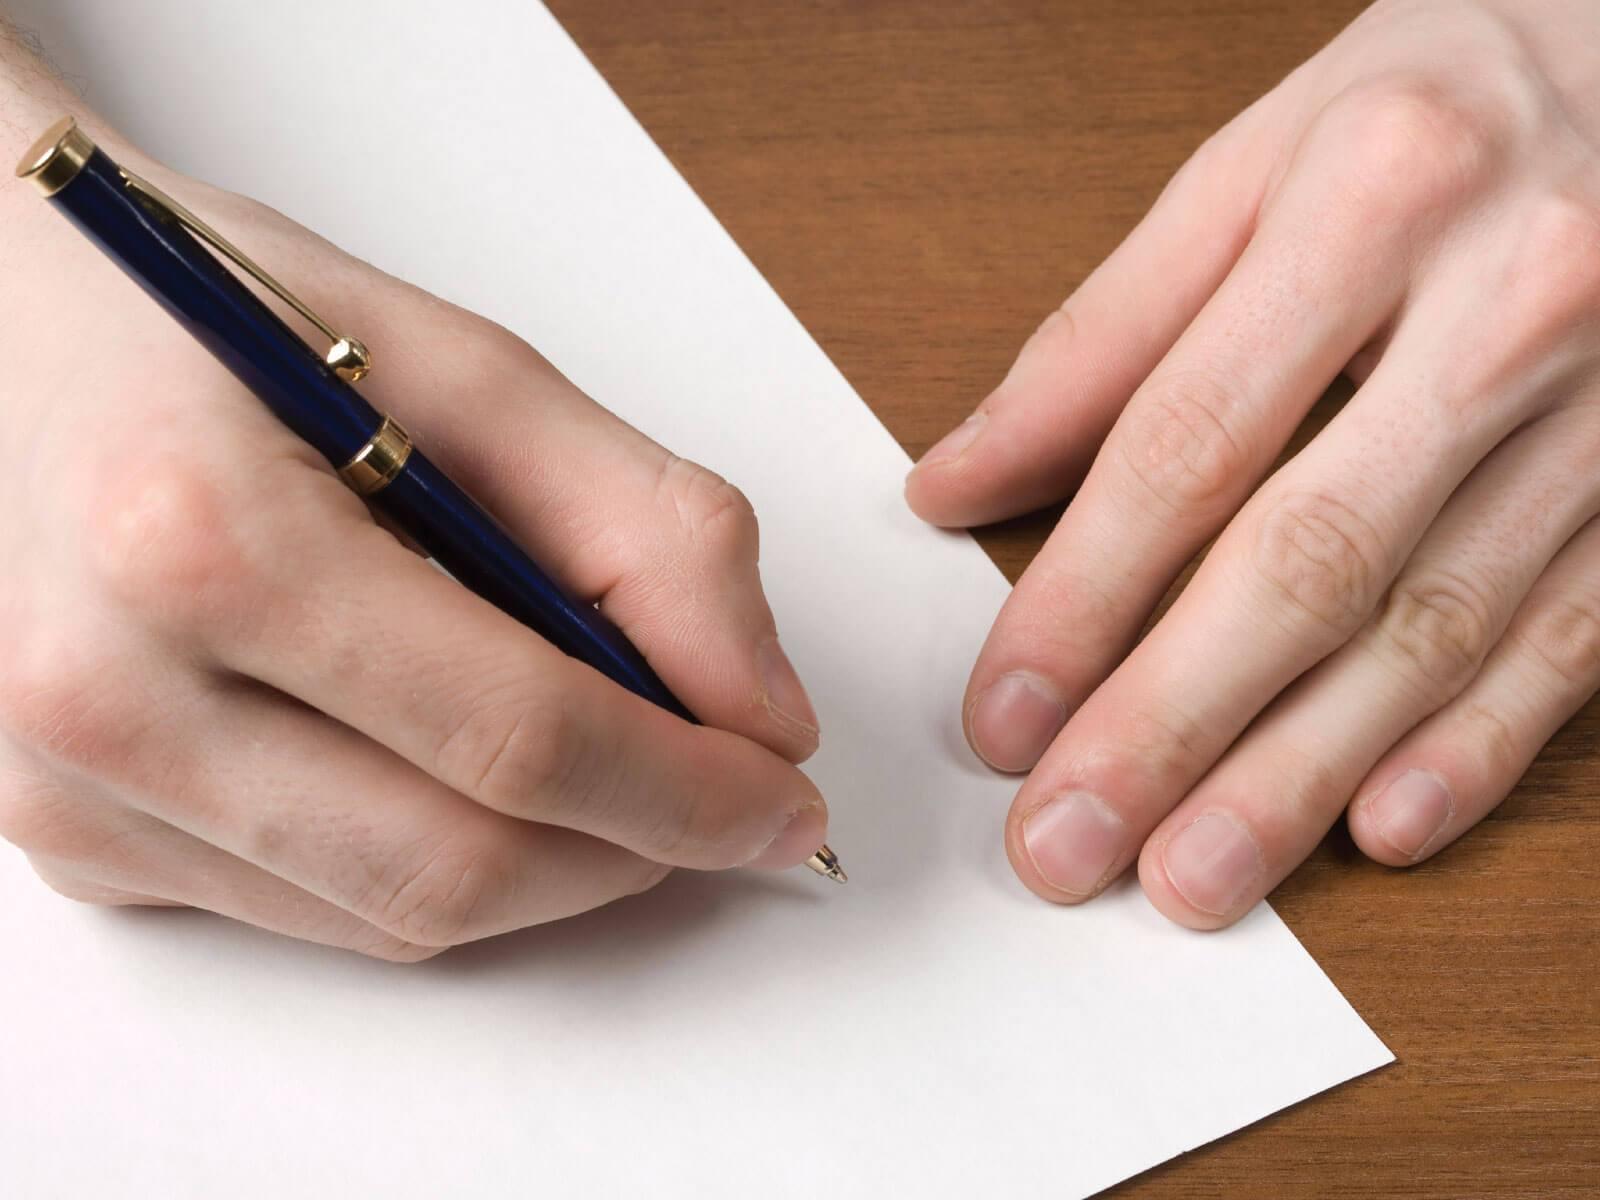 Как написать заявление на материальную помощь, используя образец документа